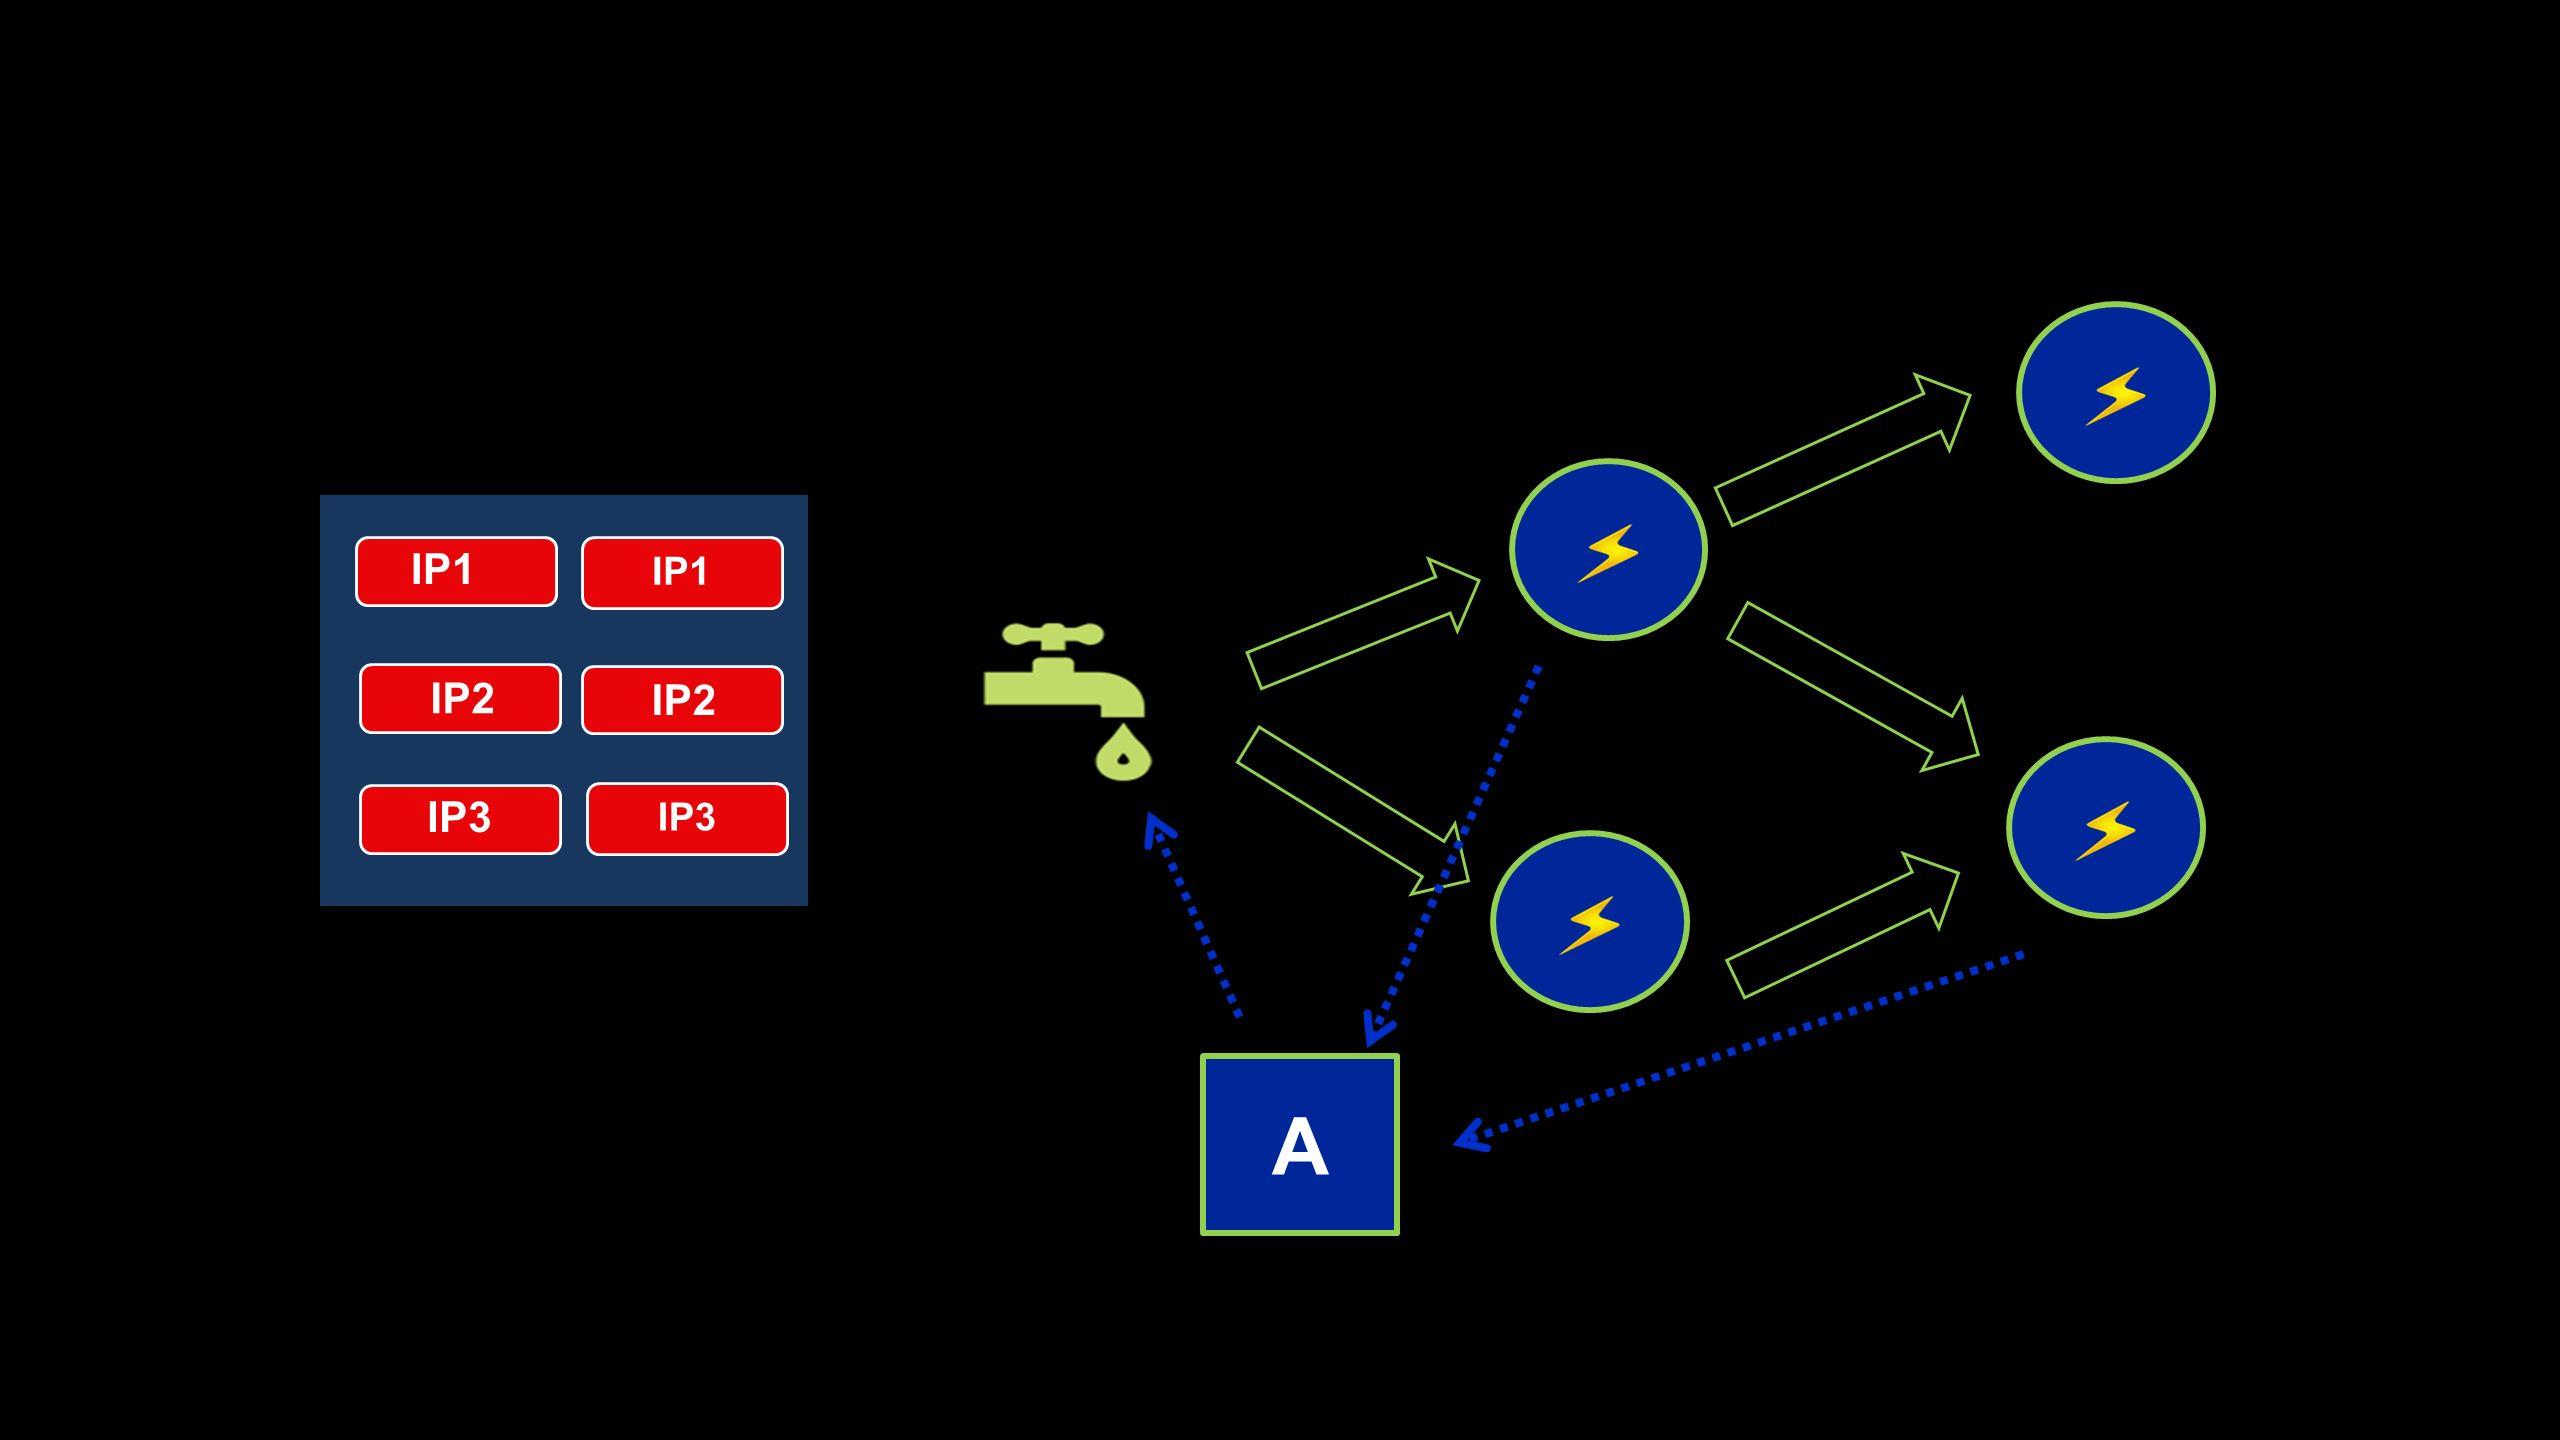 IP3 IP2 IP3 IP1 A